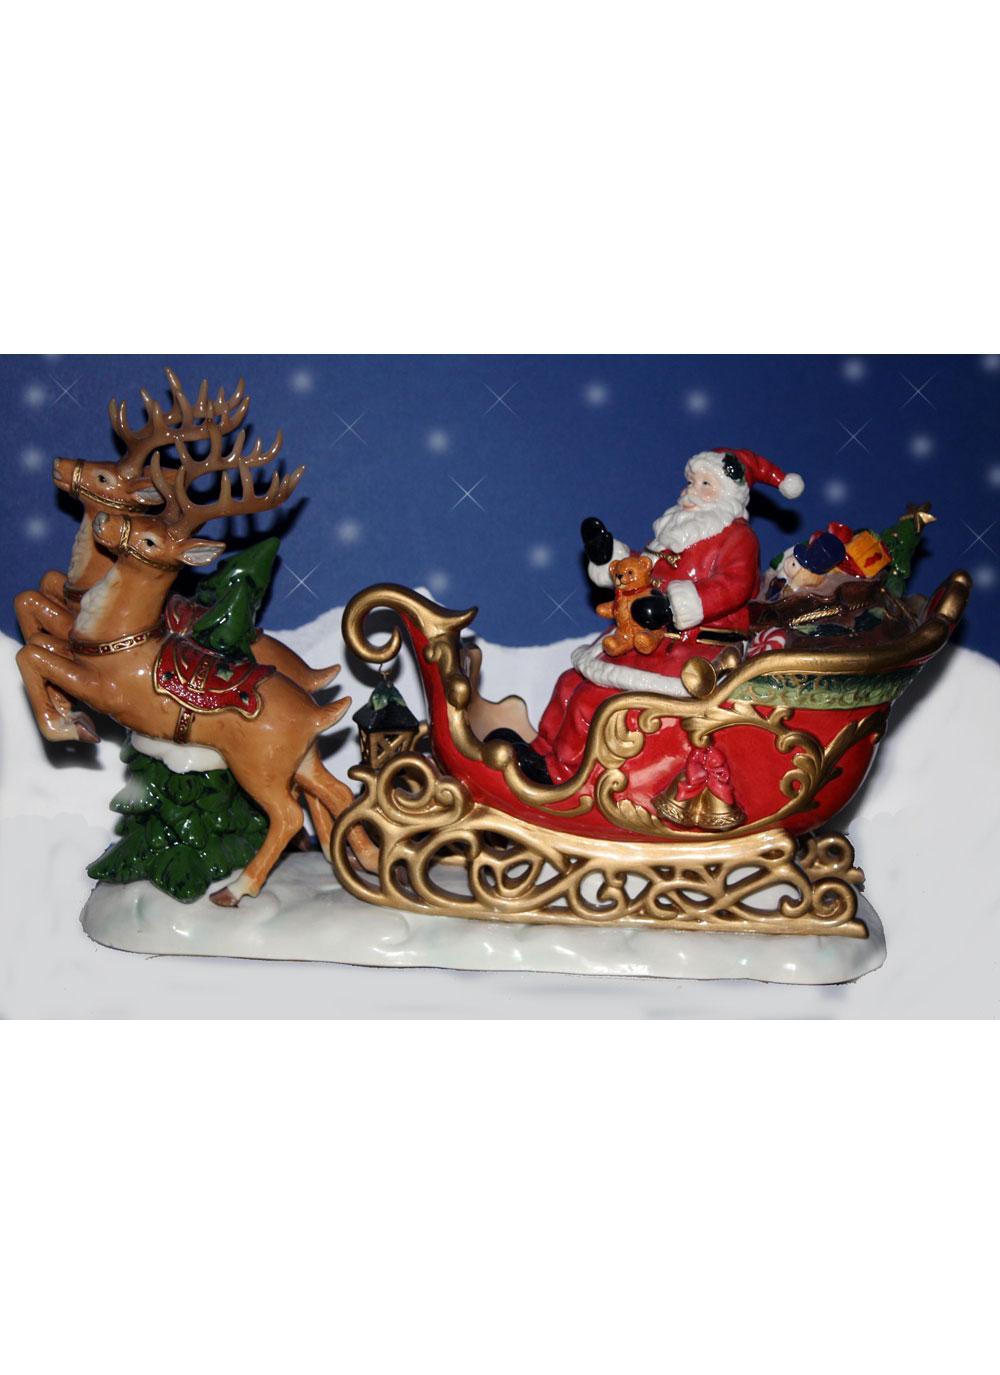 aynsley santa with reindeer figurine - Santa With Reindeer